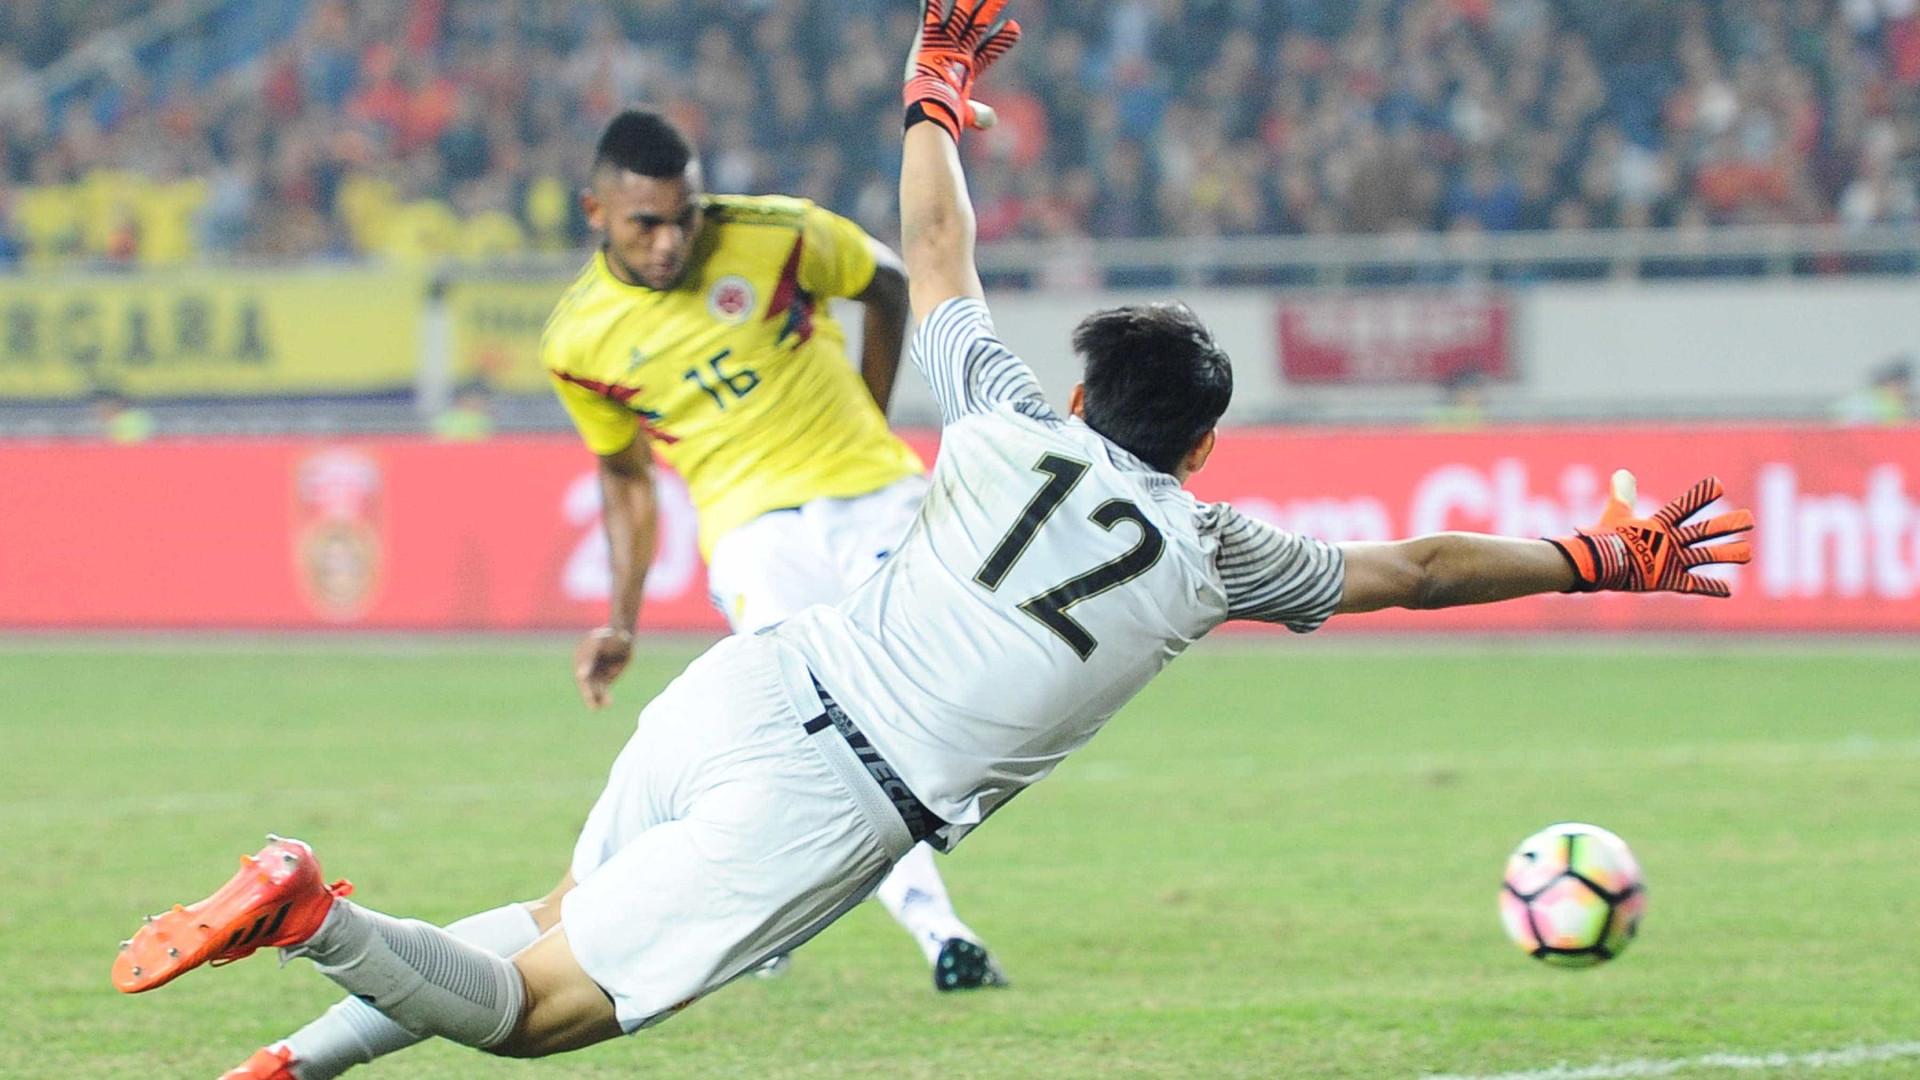 Borja marca dois gols em vitória da Colômbia em amistoso na China